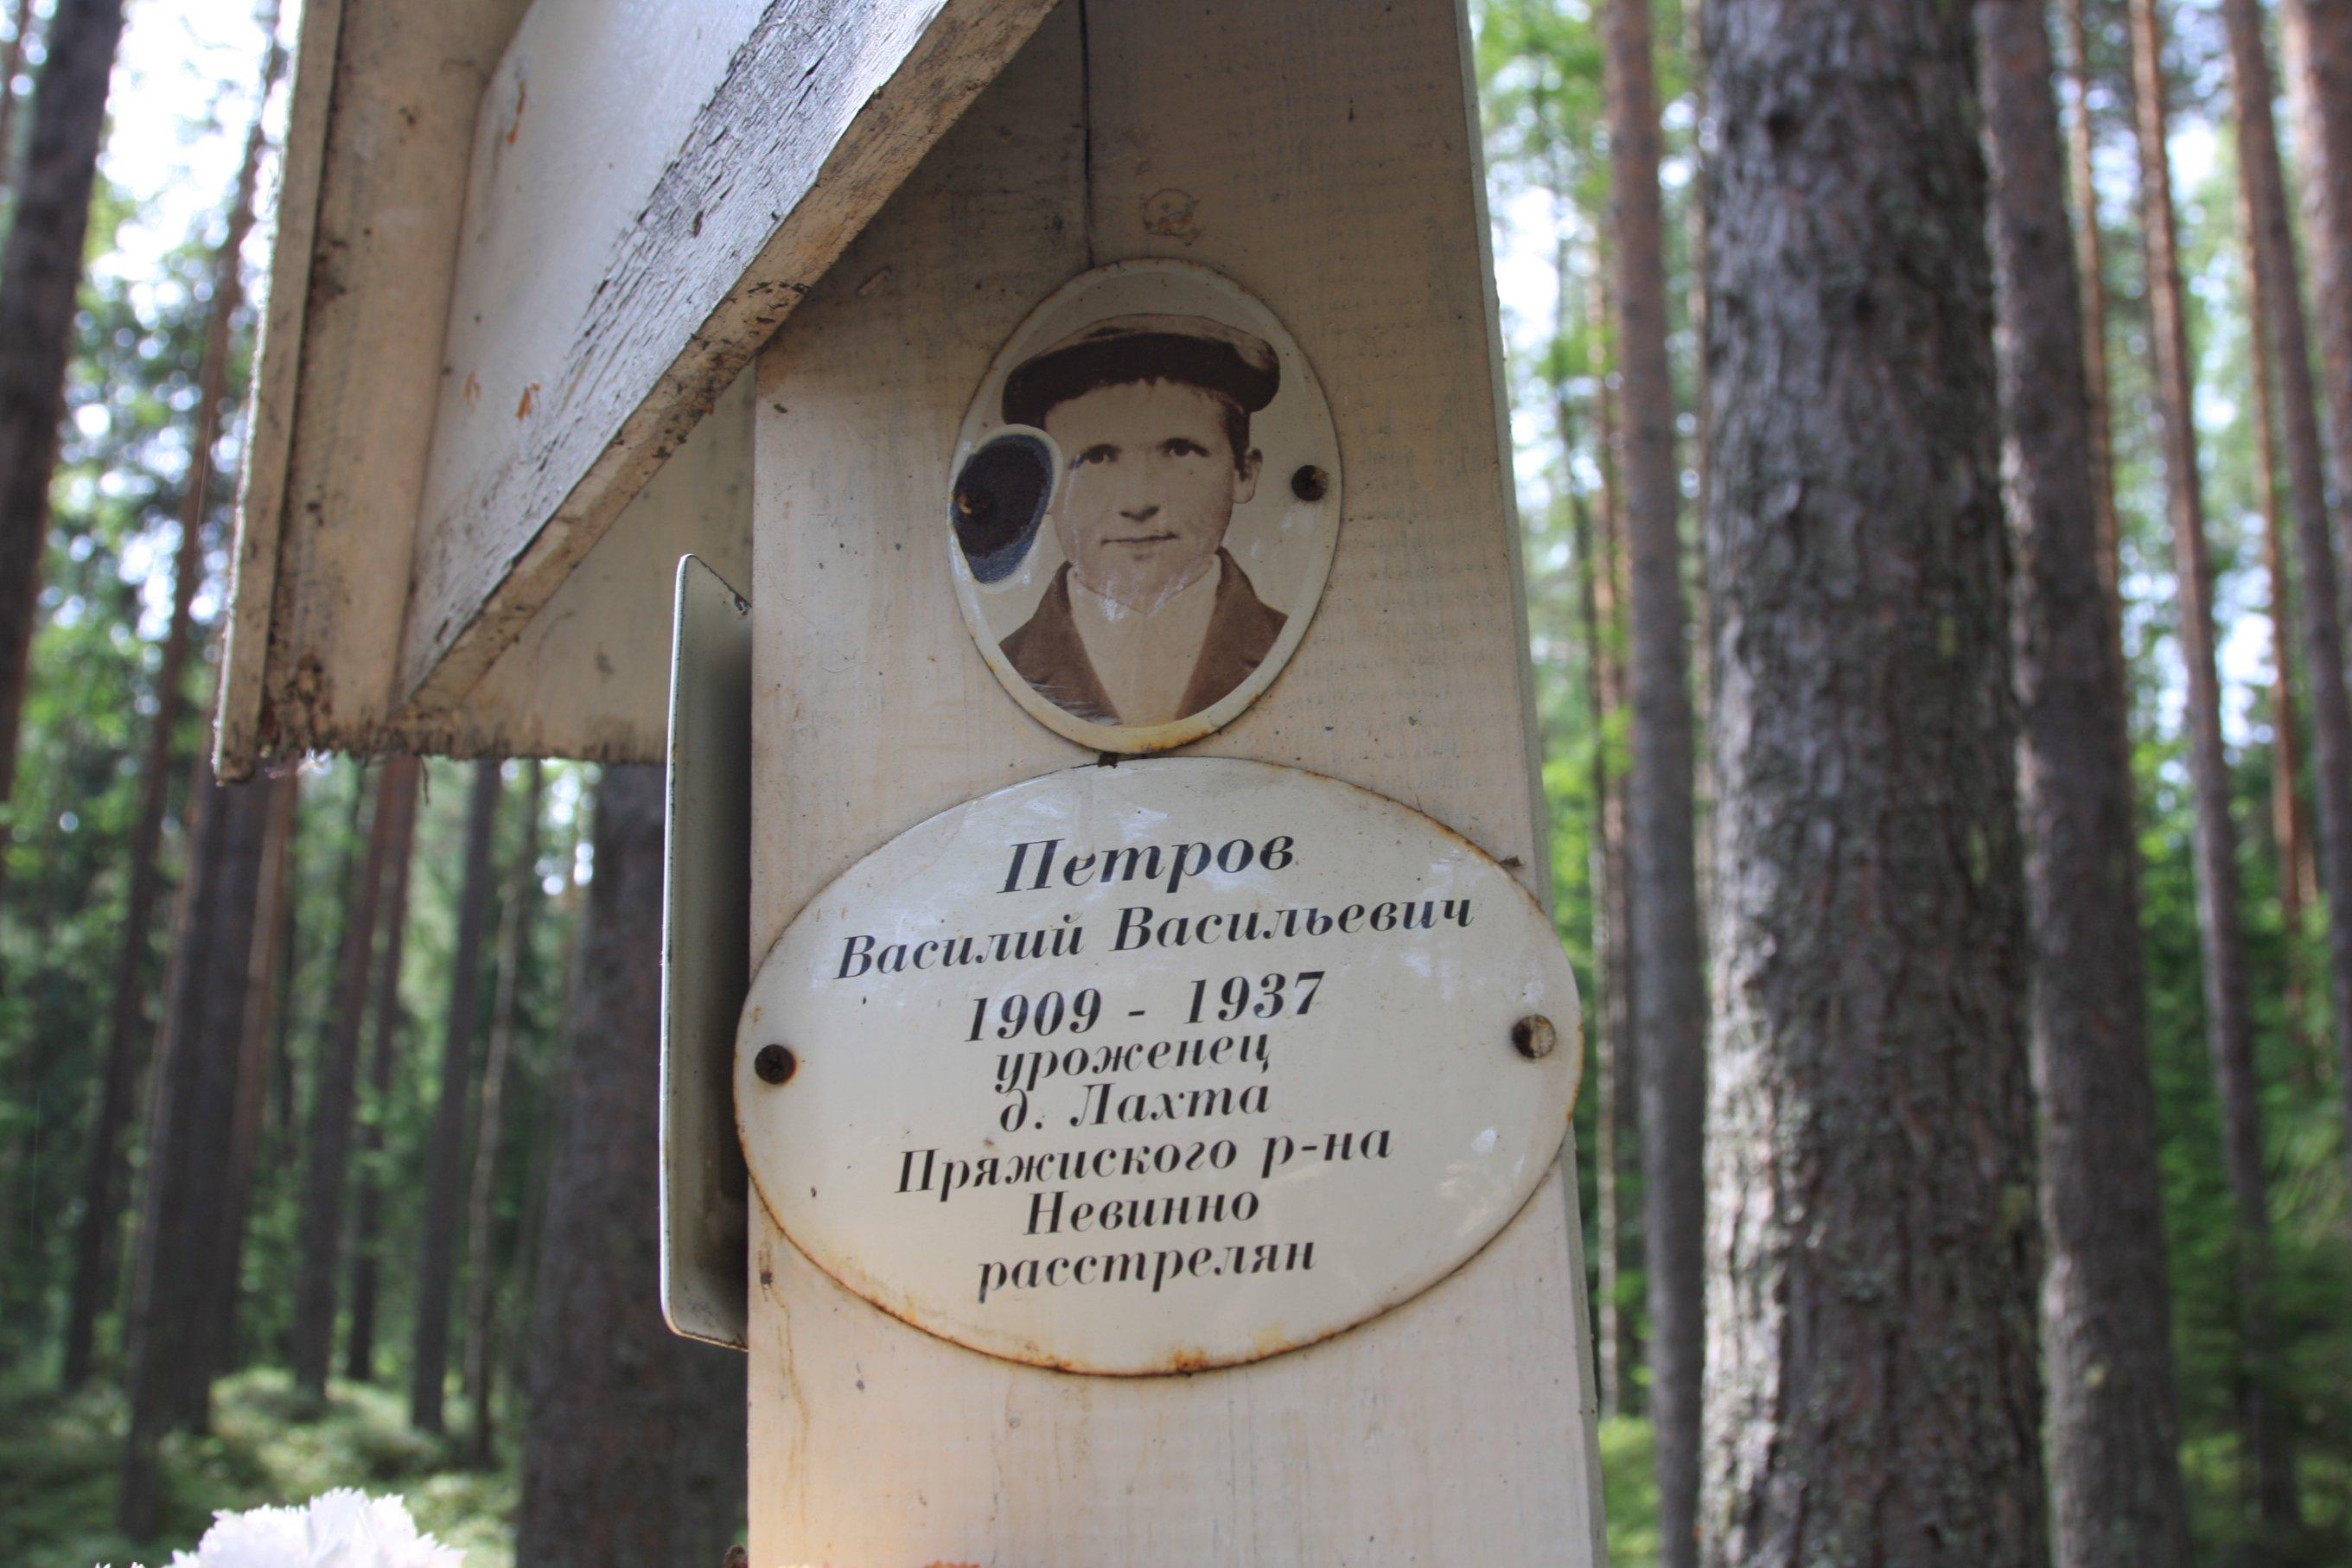 Памятный знак «Петров Василий Васильевич». Фото 04.08.2018.